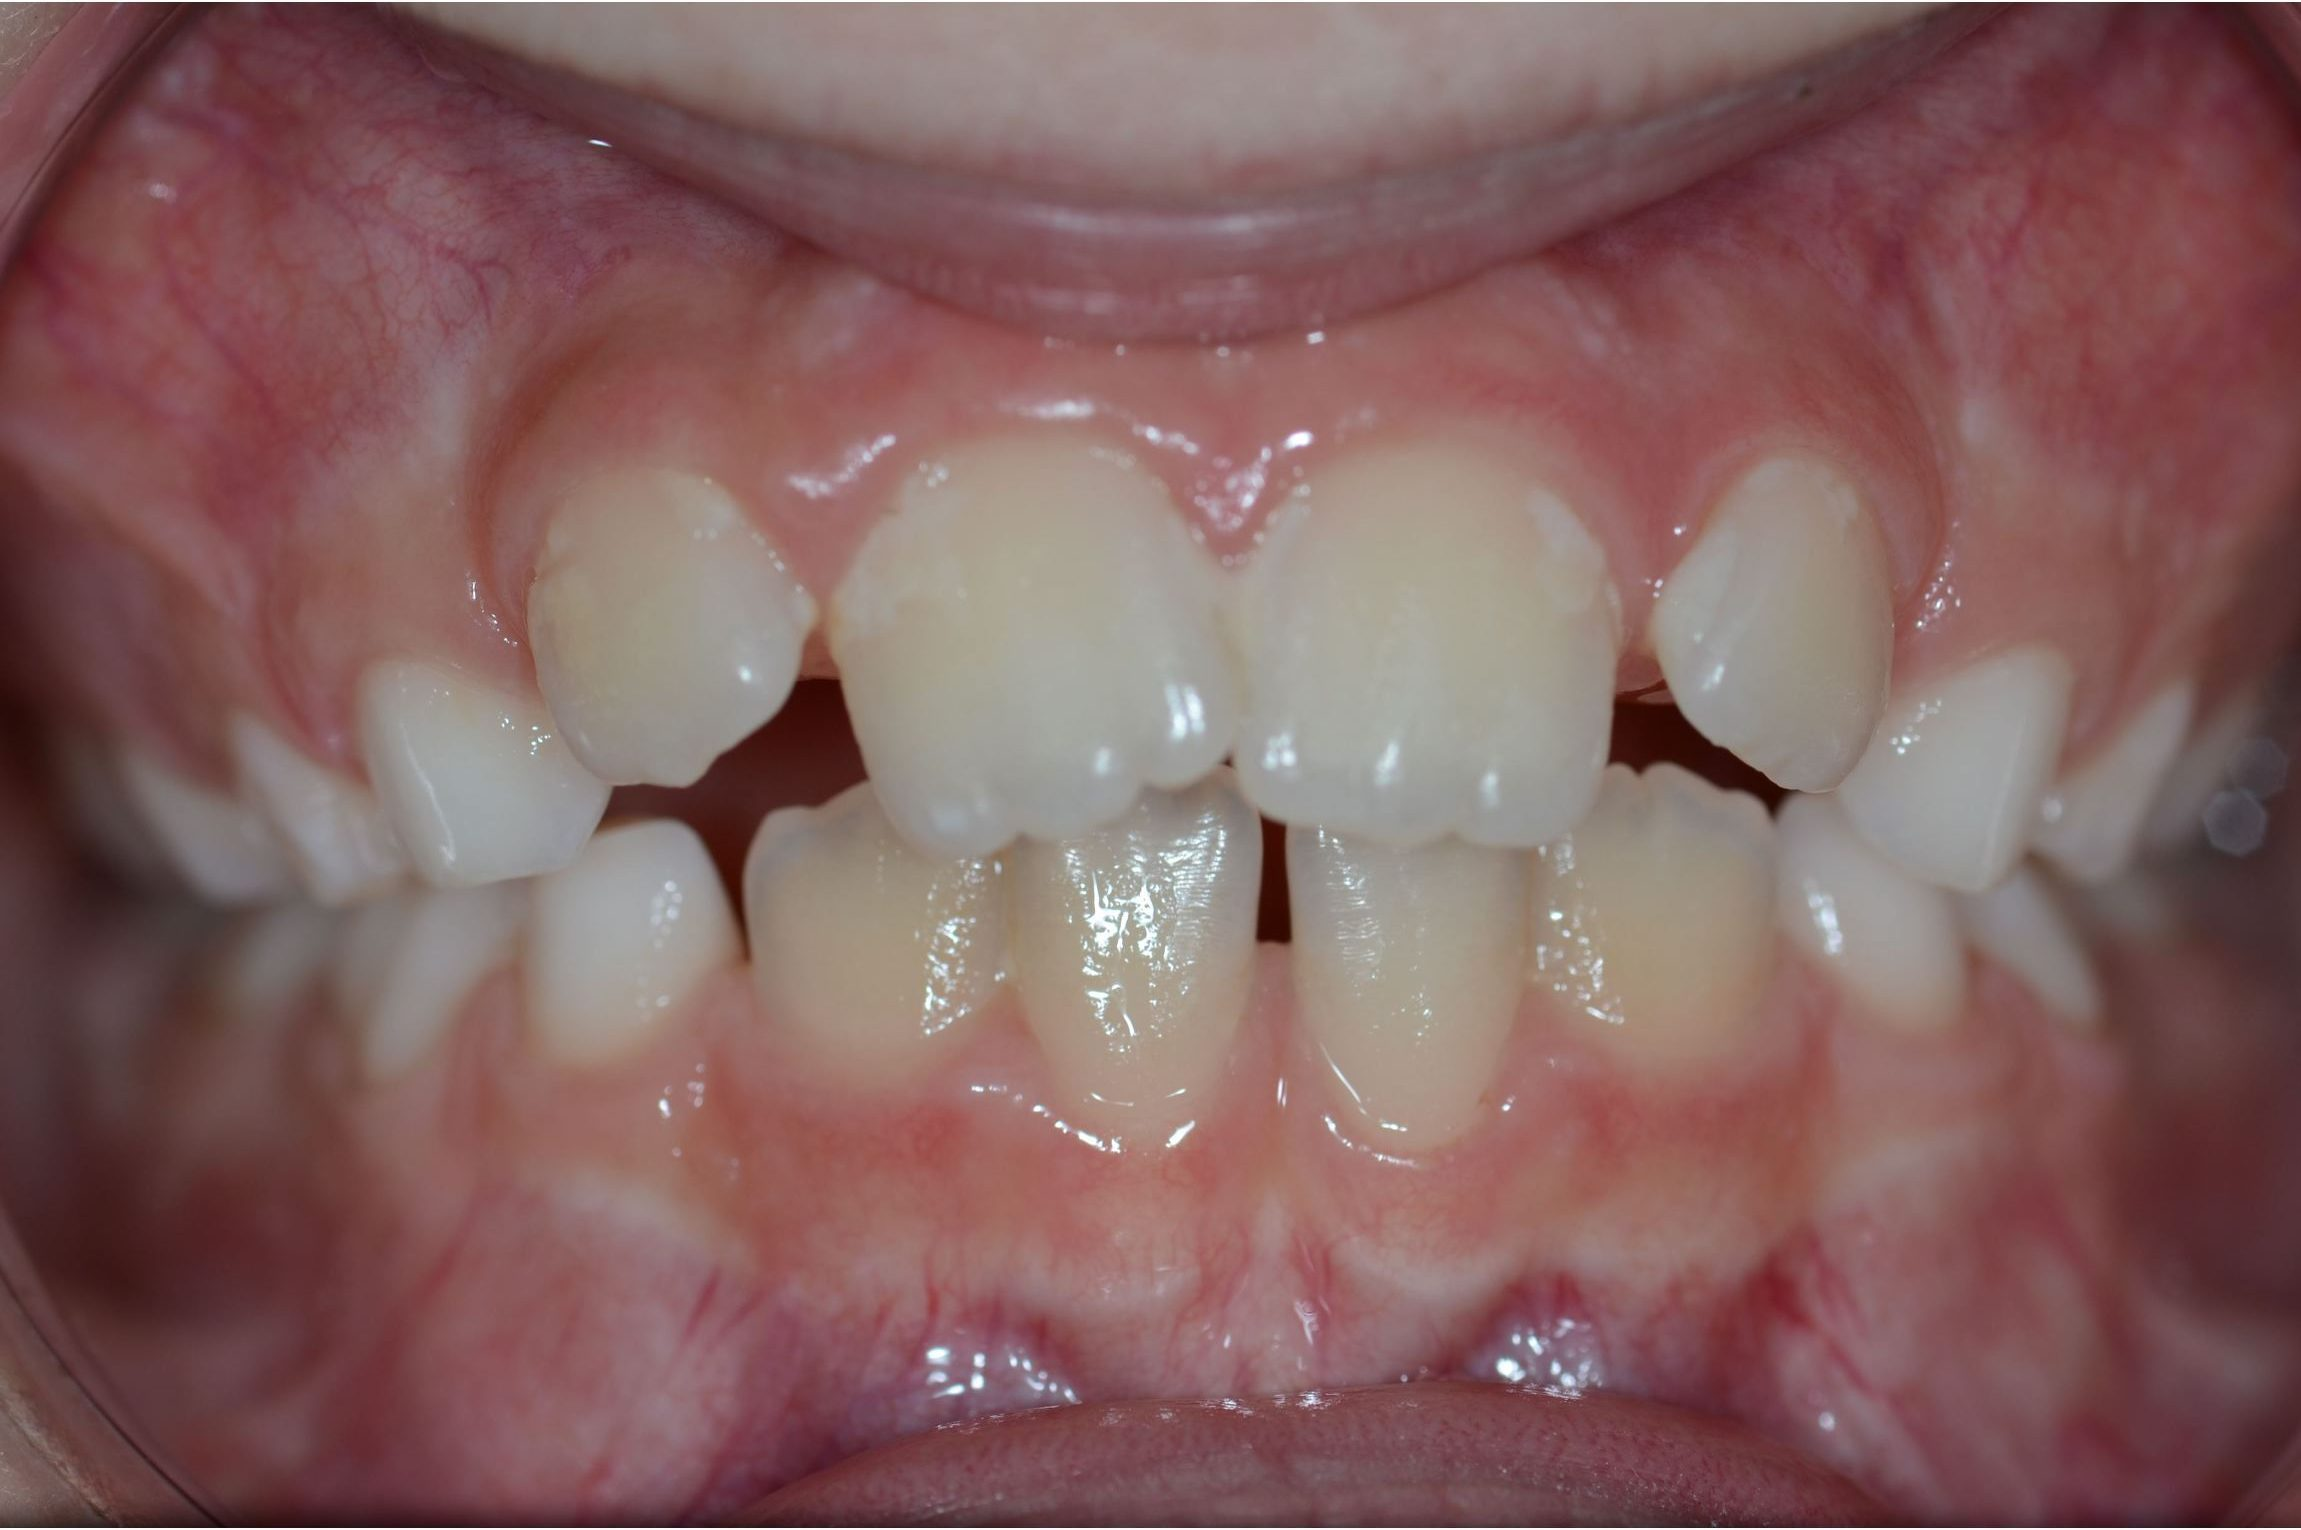 Cabinet Orthodontie 31 - Malpositions et encombrements dentaires et malocclusion chez l'adolescent avant traitement